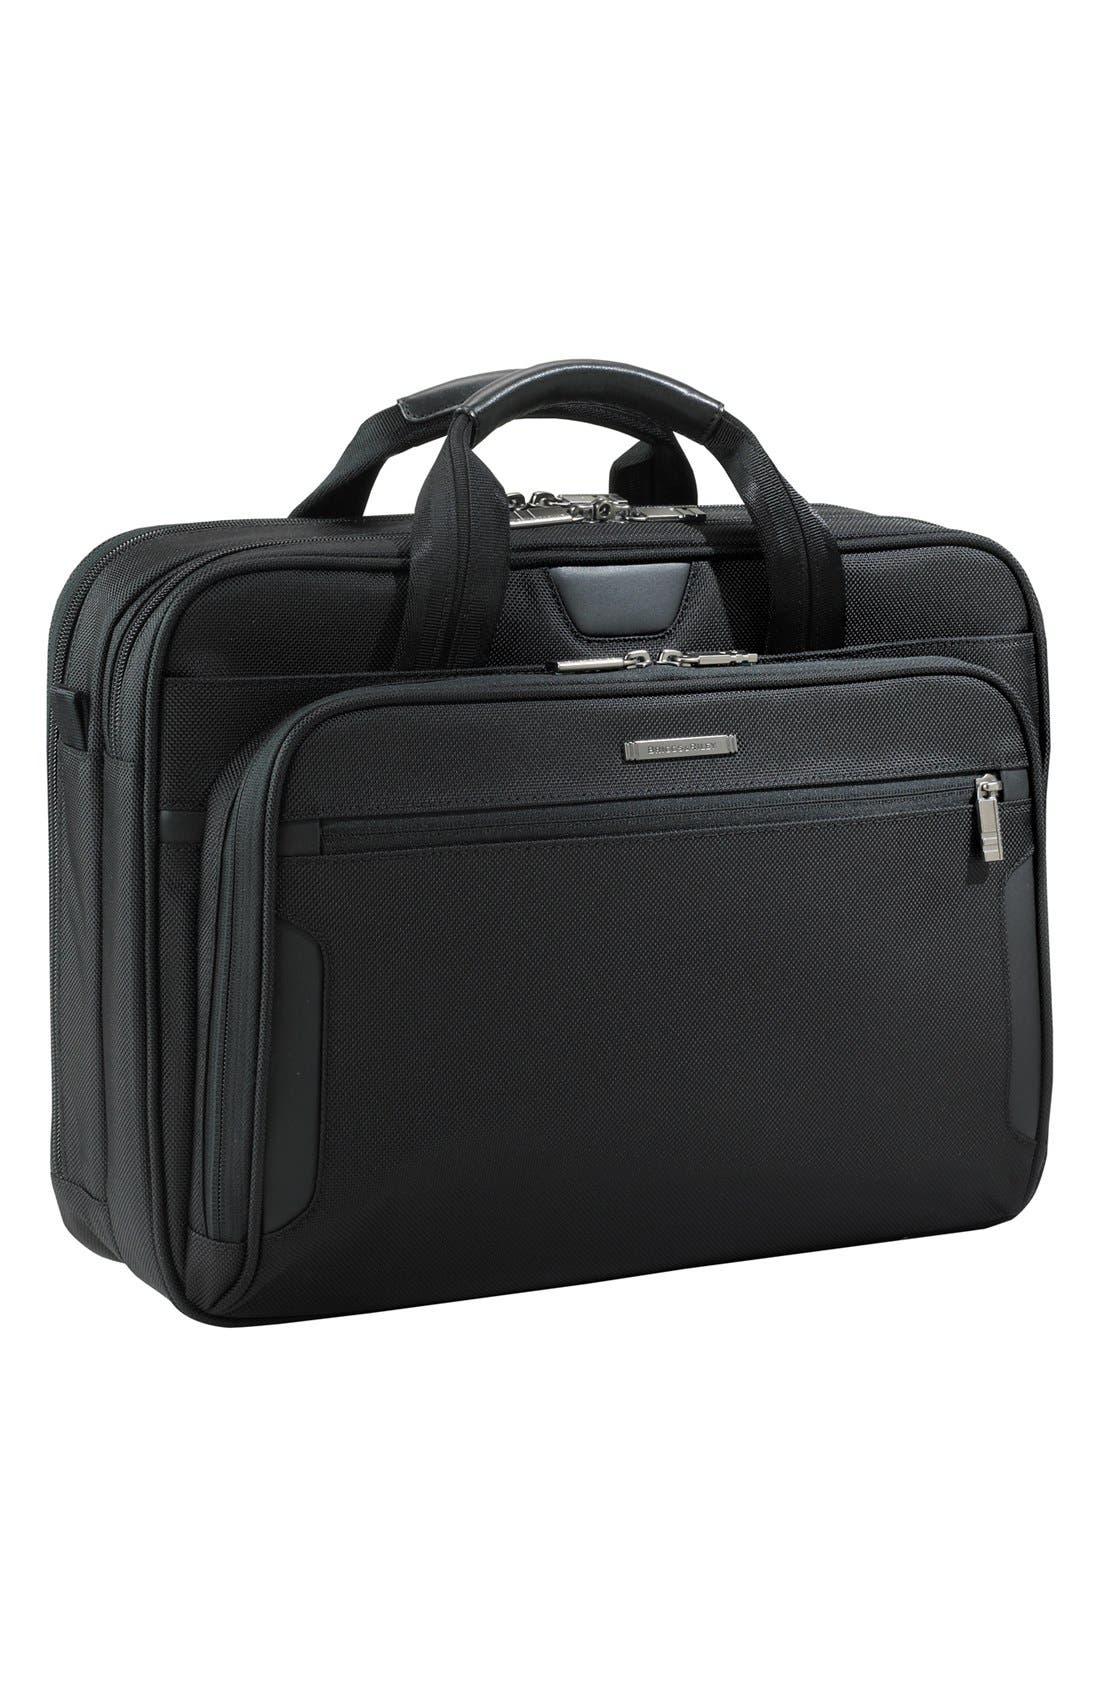 Main Image - Briggs & Riley 'Medium' Ballistic Nylon Briefcase